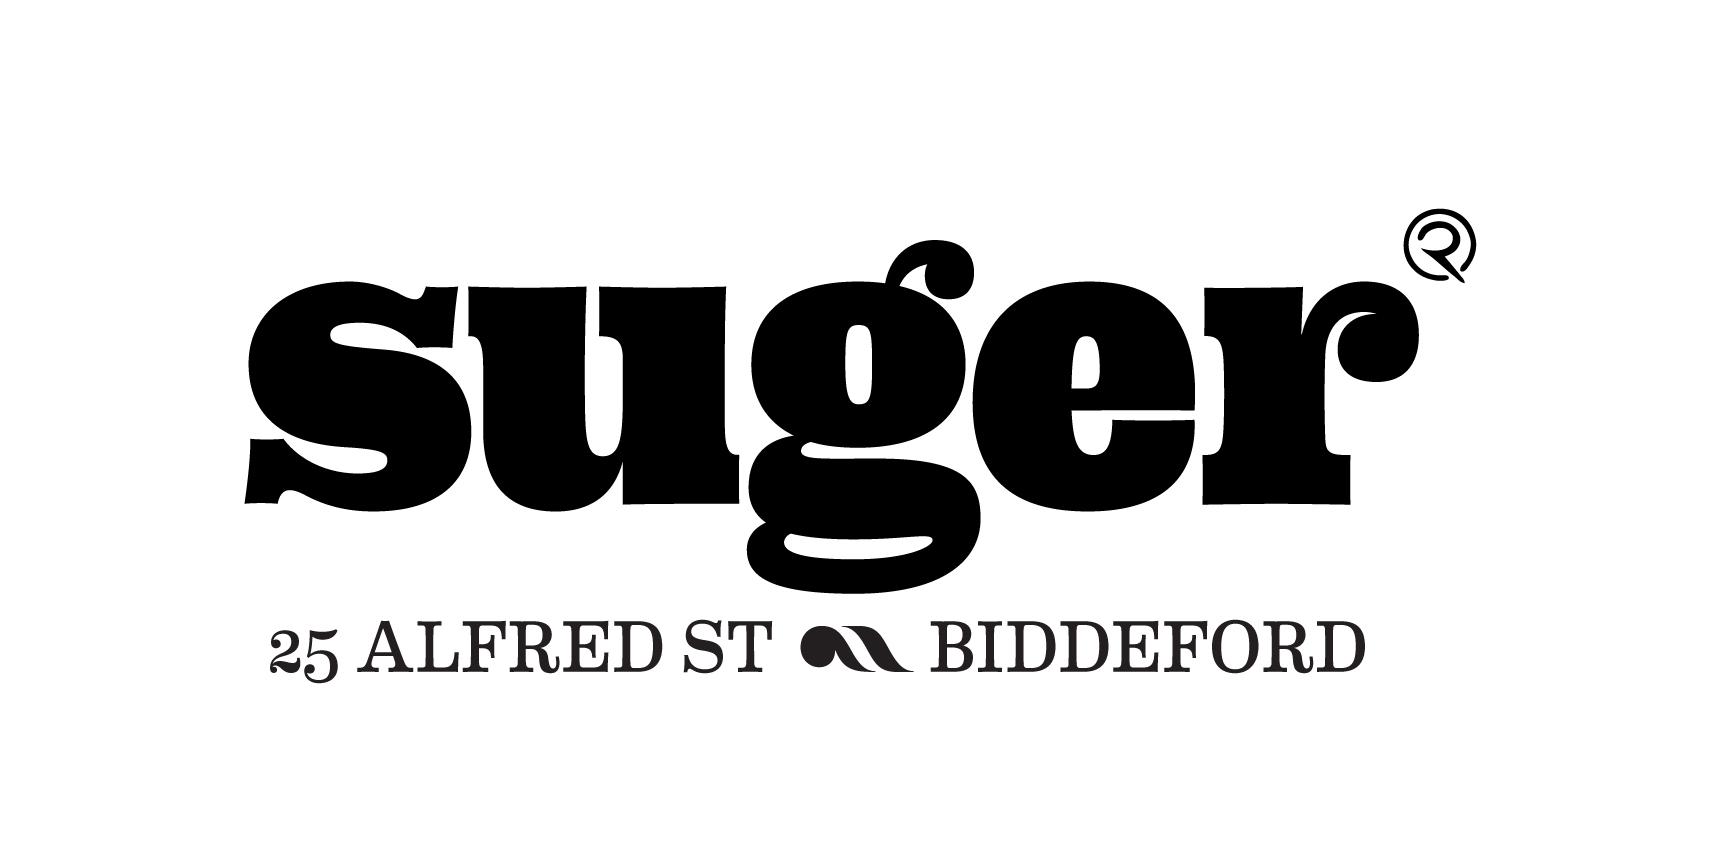 suger_logo_large_alfred.jpg